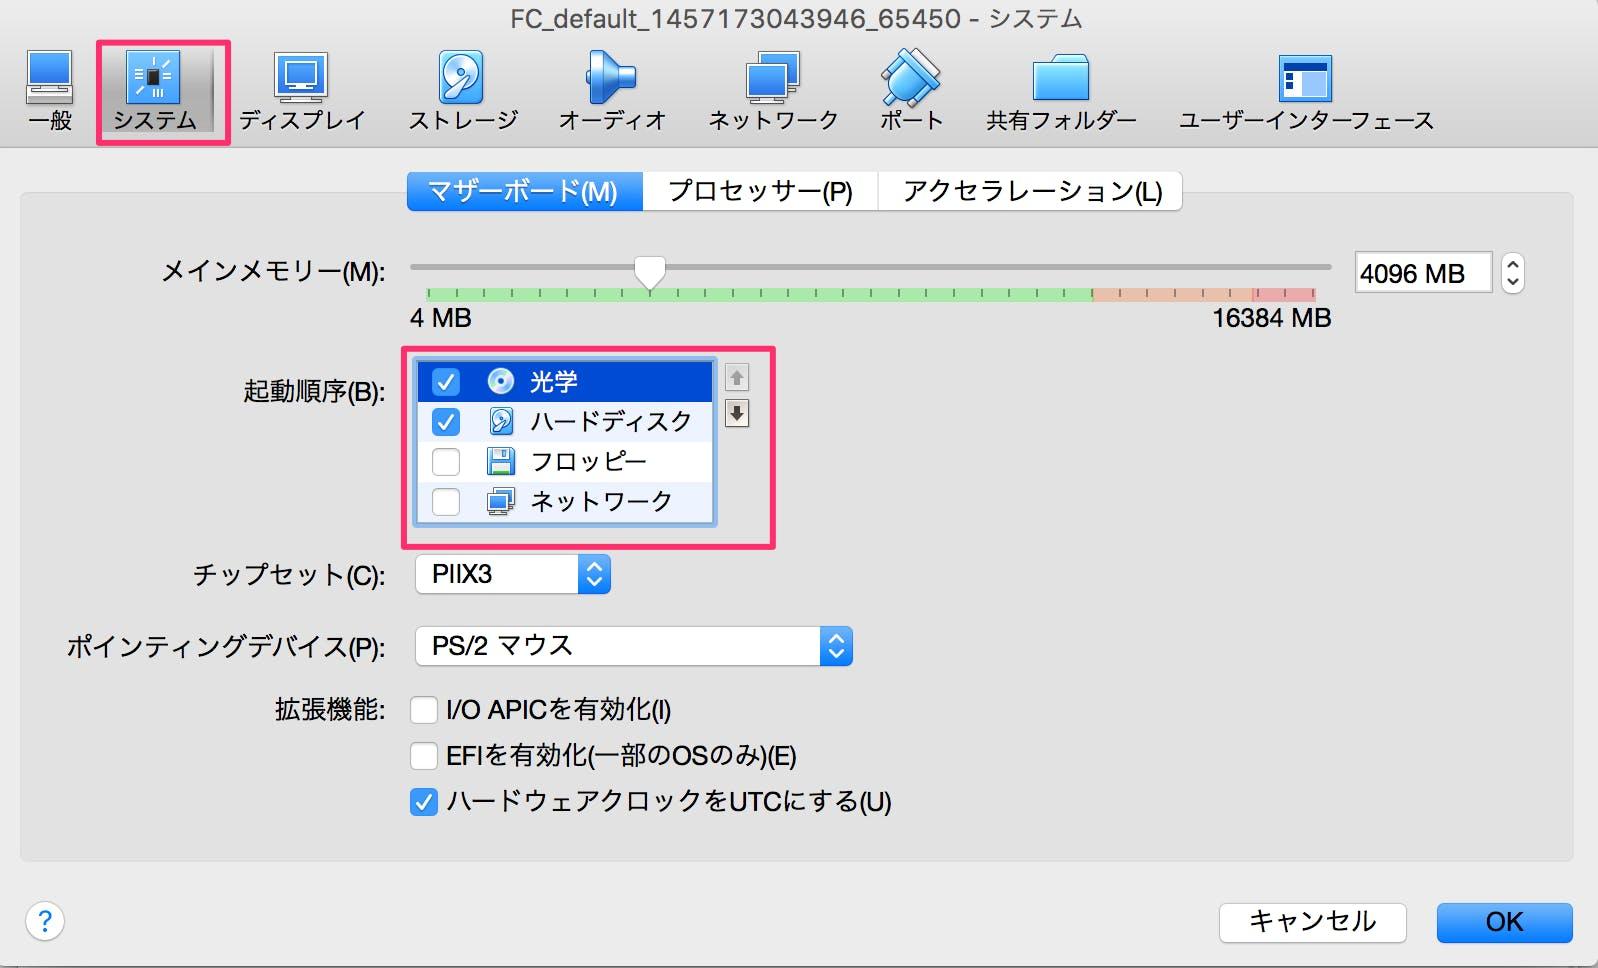 FC_default_1457173043946_65450_-_システム_と_Oracle_VM_VirtualBox_マネージャー_と_Vagrant_Virtualbox_のディスク_ストレージ_容量を増やす方法.png